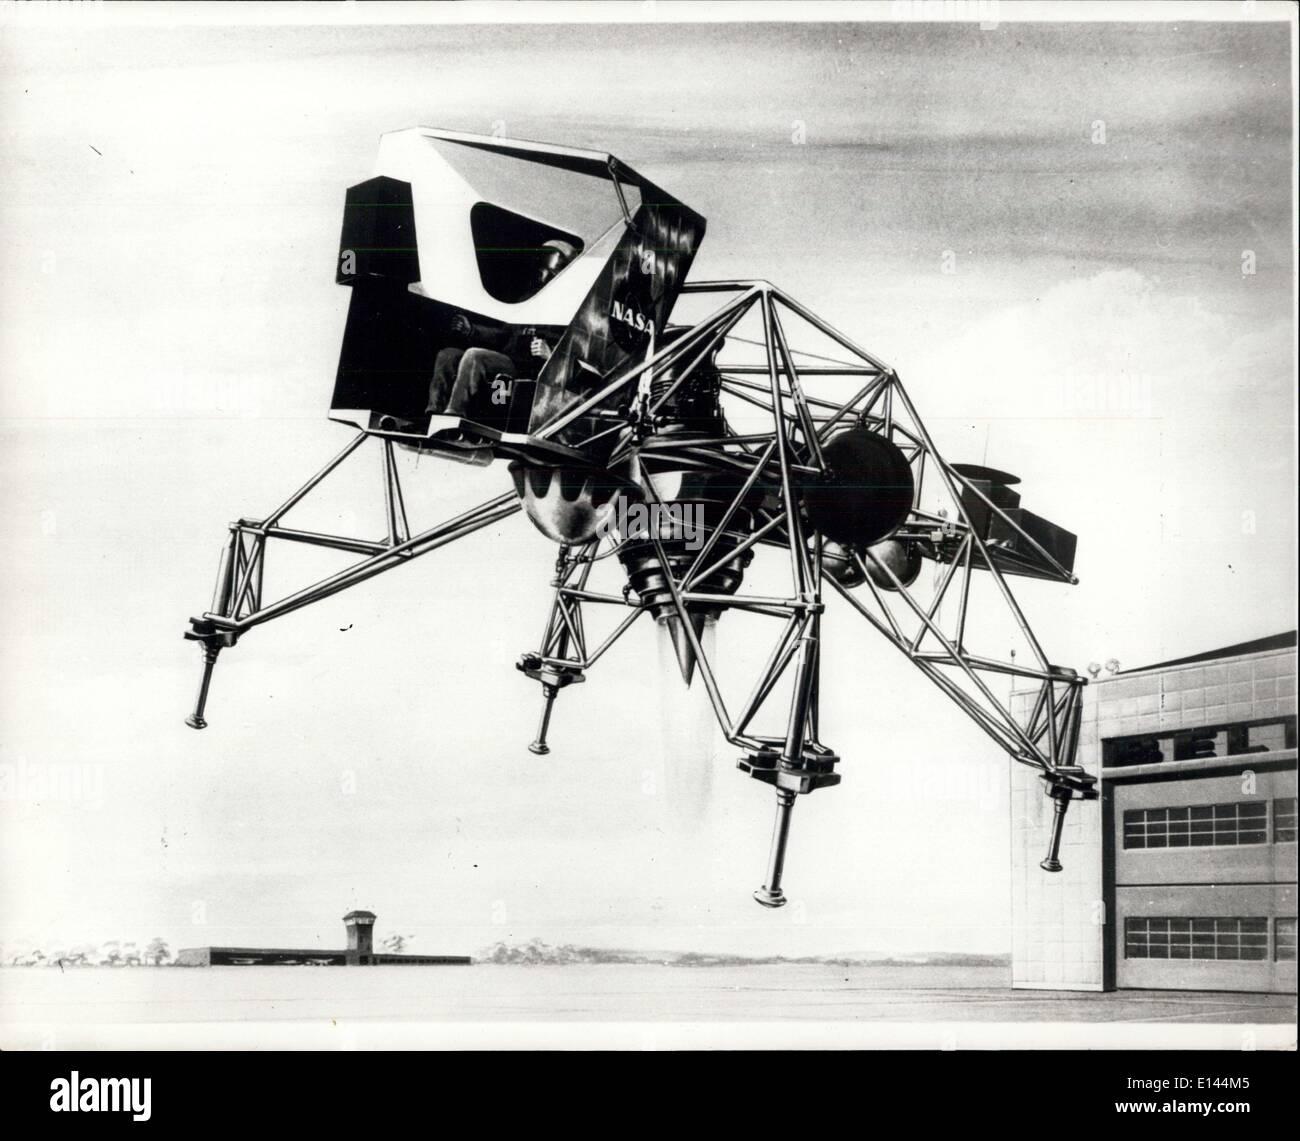 Avril 04, 2012 - 11.4.67 concept de l'artiste d'alunissage véhicule de formation. C'est un concept de l'artiste de la formation à l'atterrissage lunaire Véhicule (LLTV) à être construit sous contrat par Bell Aerosystems Co., Buffalo, N.Y. pour la National Aeronautics and Space Administration de fournir trois véhicules qui les astronautes vont utiliser pour simuler la pratique des atterrissages sur la lune. Les véhicules seront capables de simuler la gravité d'un sixième de la lune. Lors de son utilisation, l'LLTV est effectué sur la terre sur son moteur à réaction, puis a manoeuvré comme une lune de plaisance avec de petites fusées Photo Stock